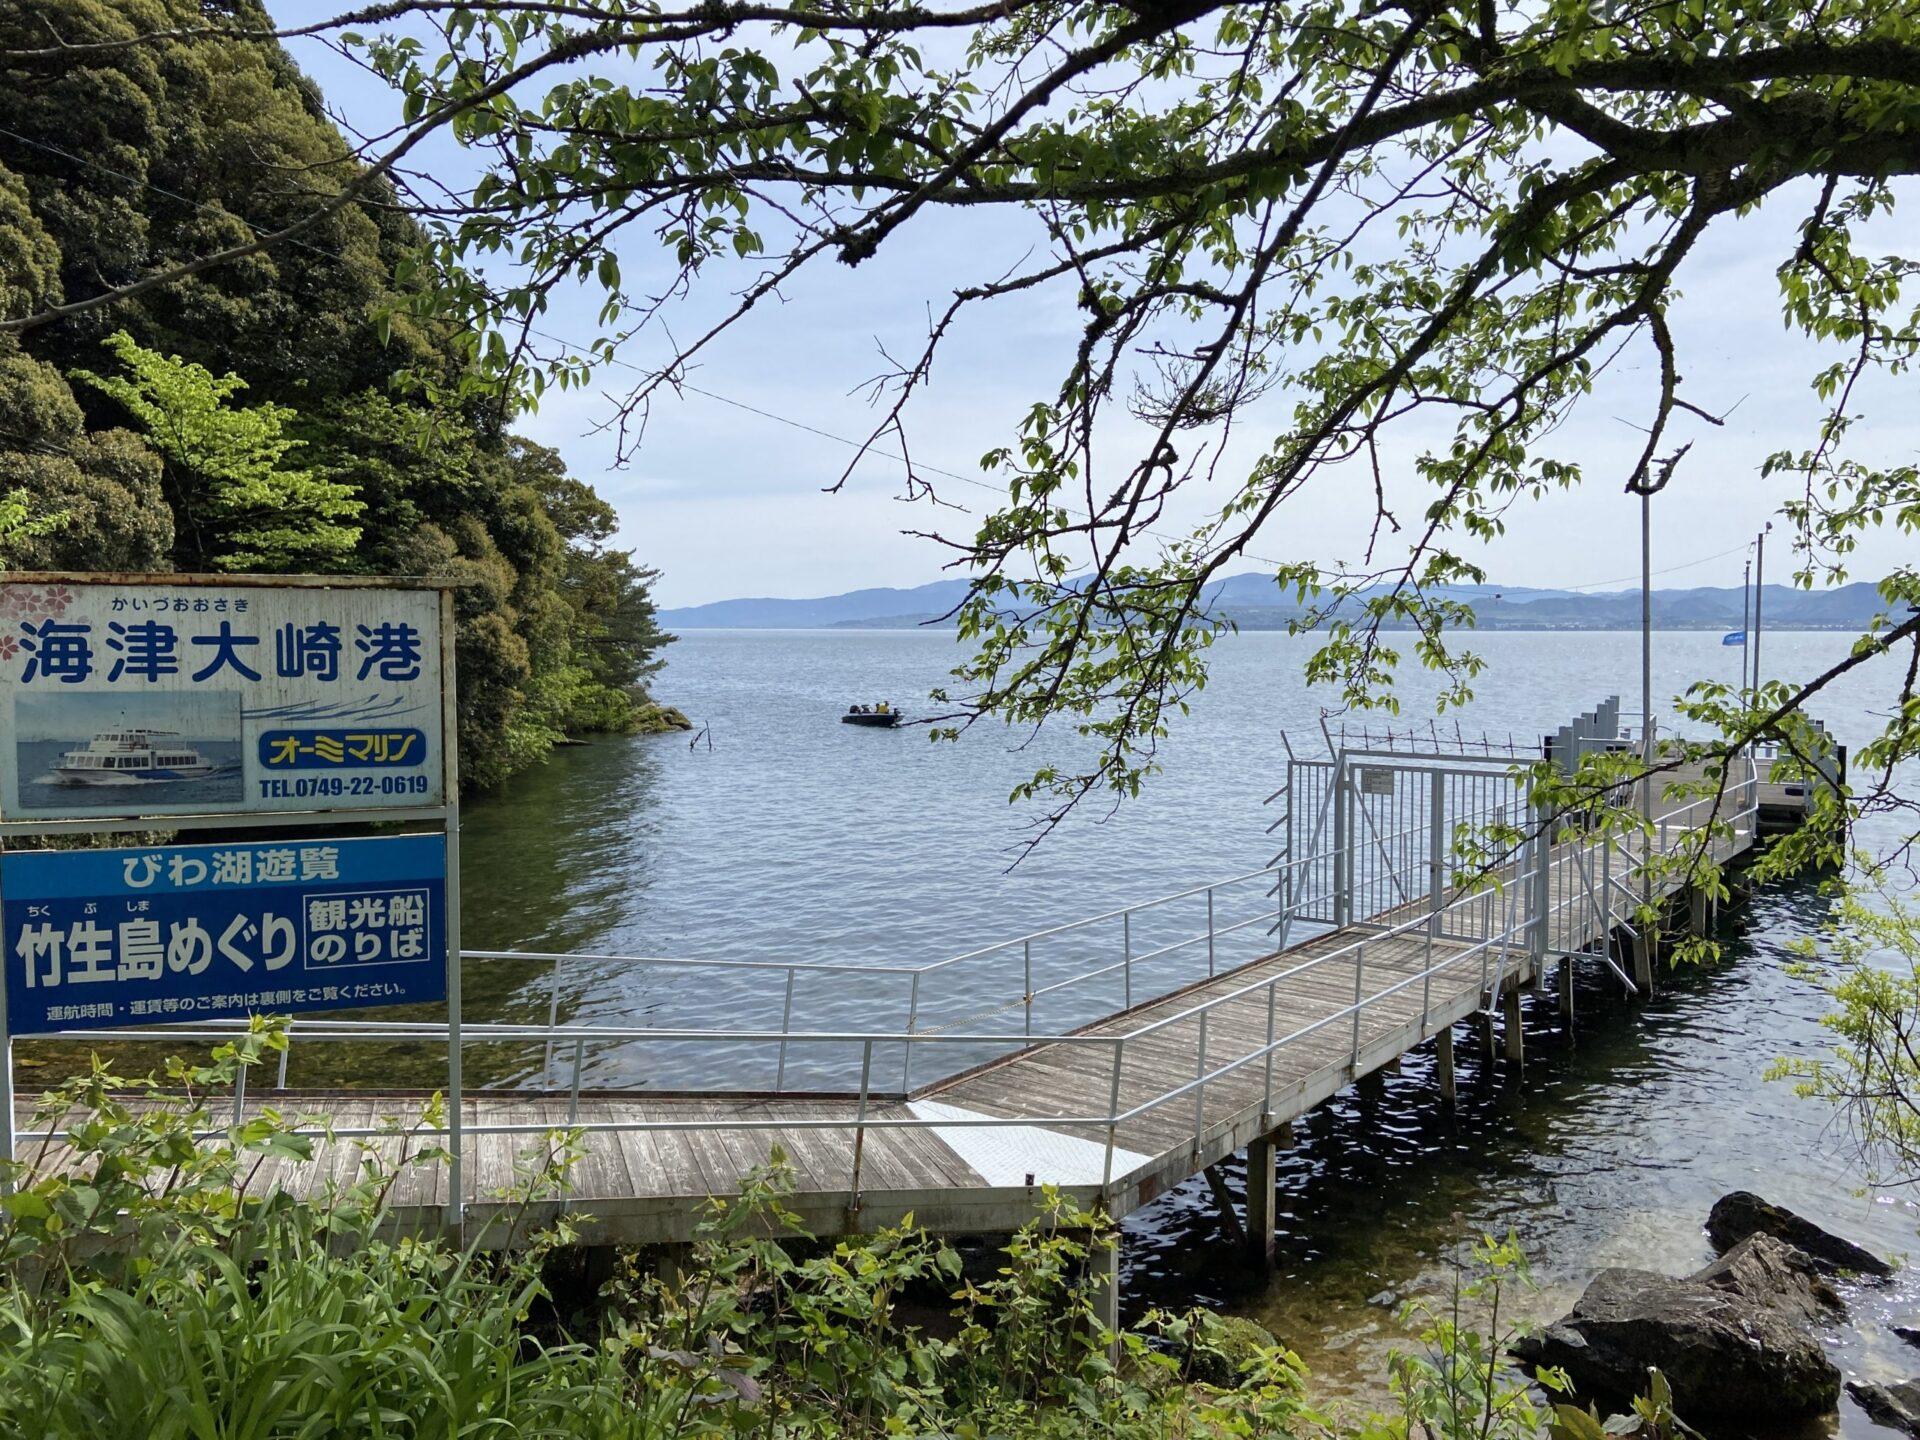 ビワイチ 海津大橋